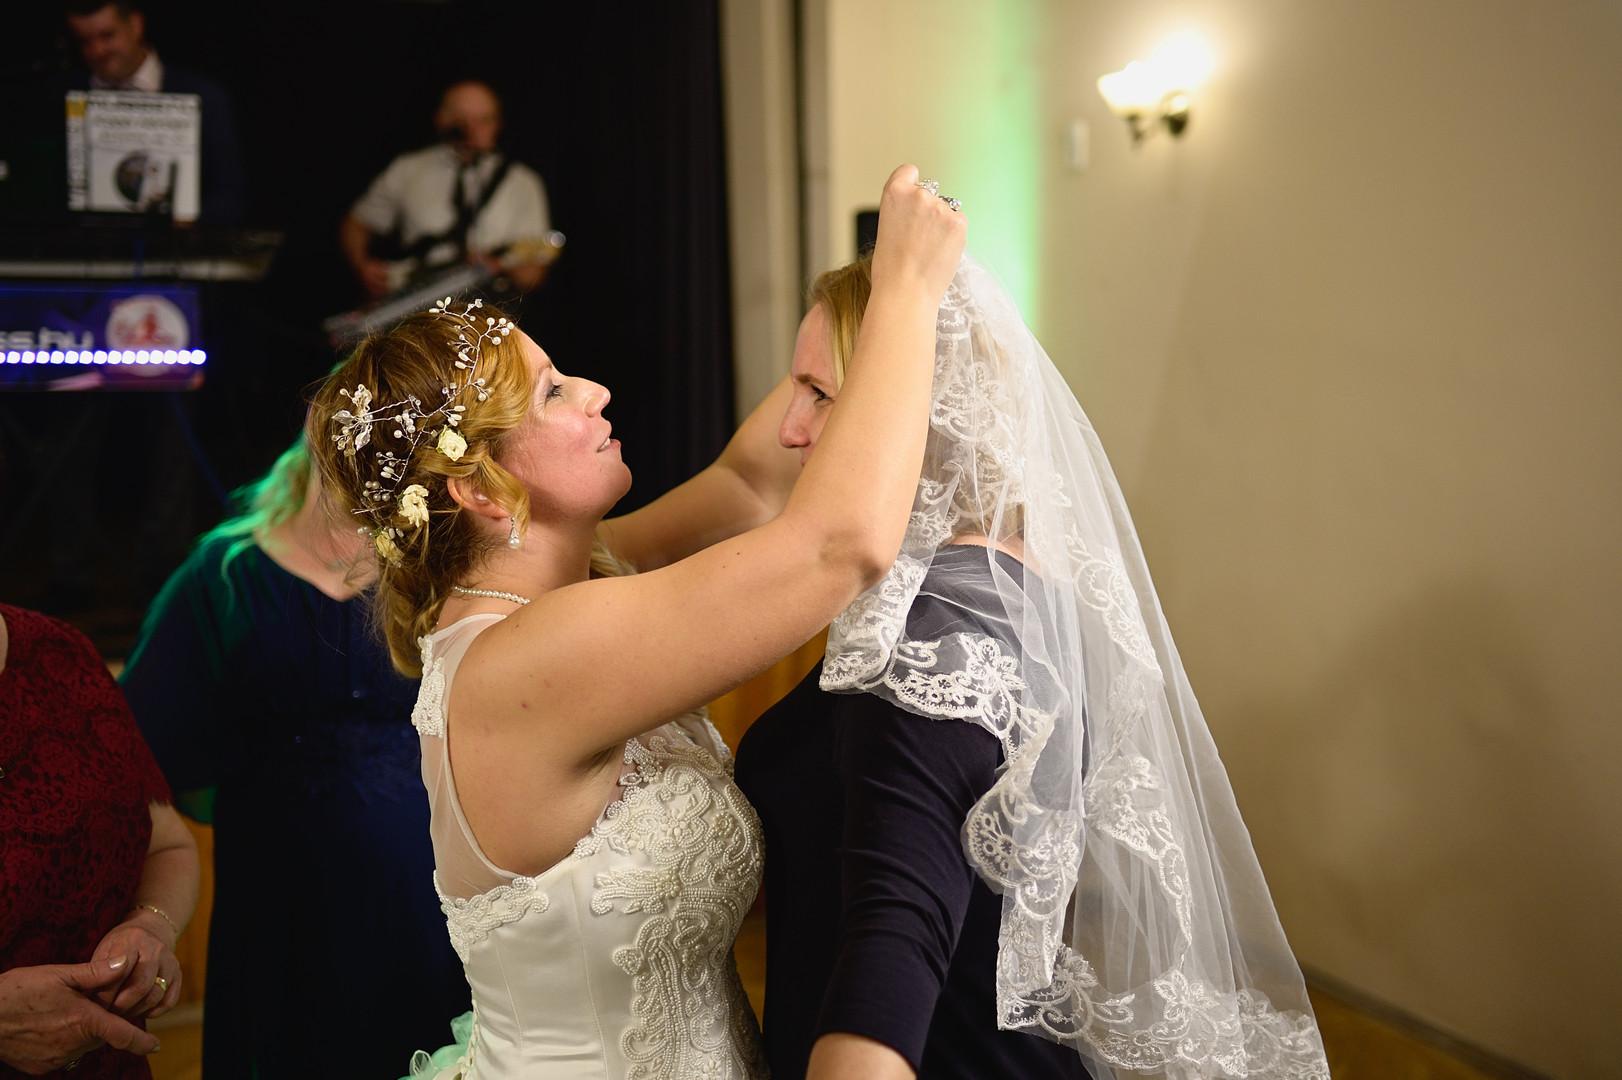 685  Esküvői fotózás - Enikő és Peti Bul